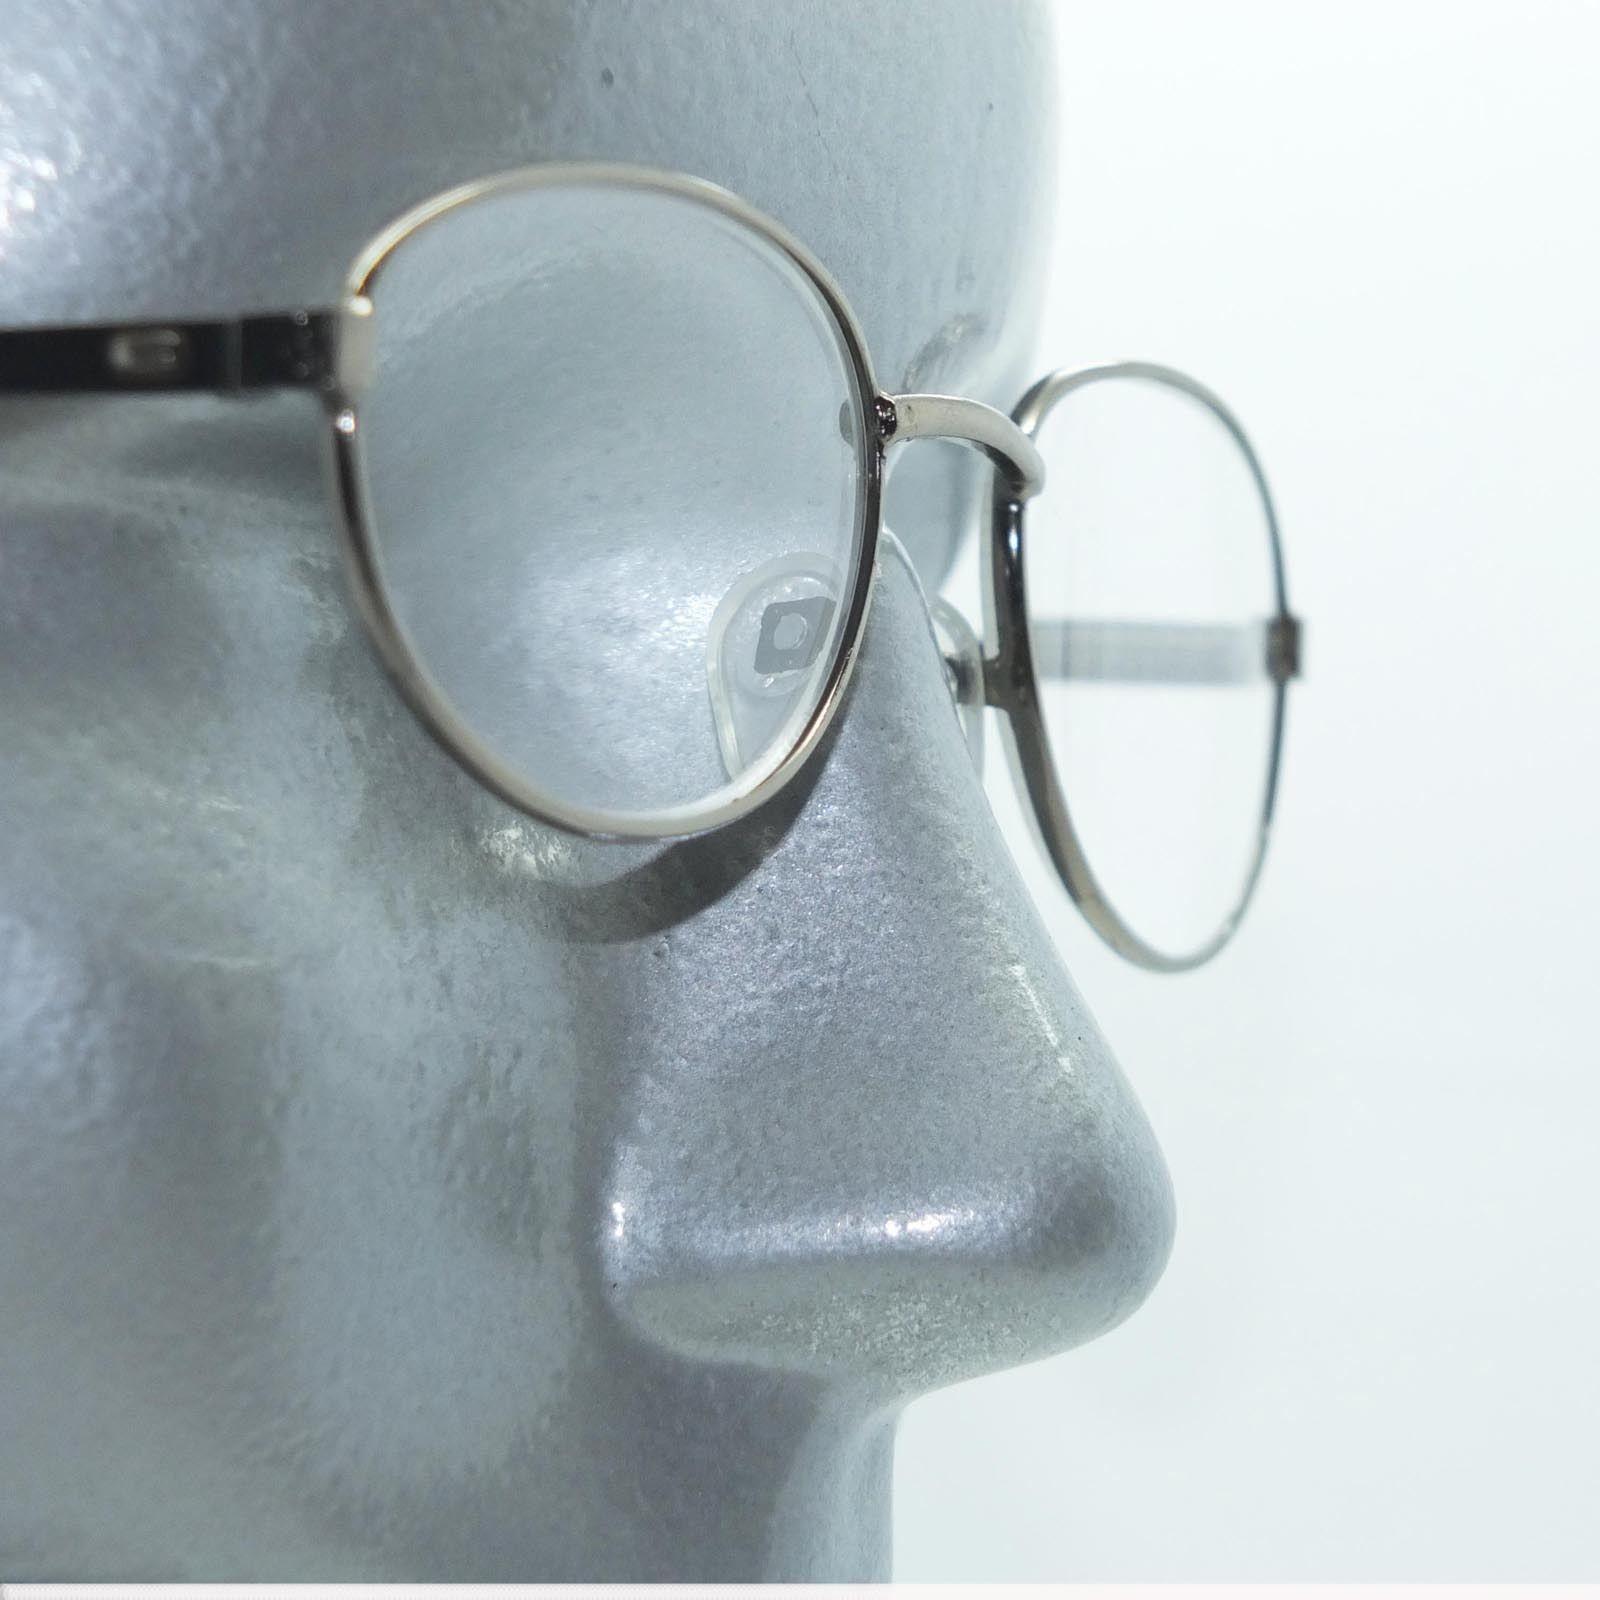 15c8d42ca6 S l1600. S l1600. Reading Glasses Shiny Gray Metal Petite Oval Frame +1.50  Lens. Reading Glasses ...